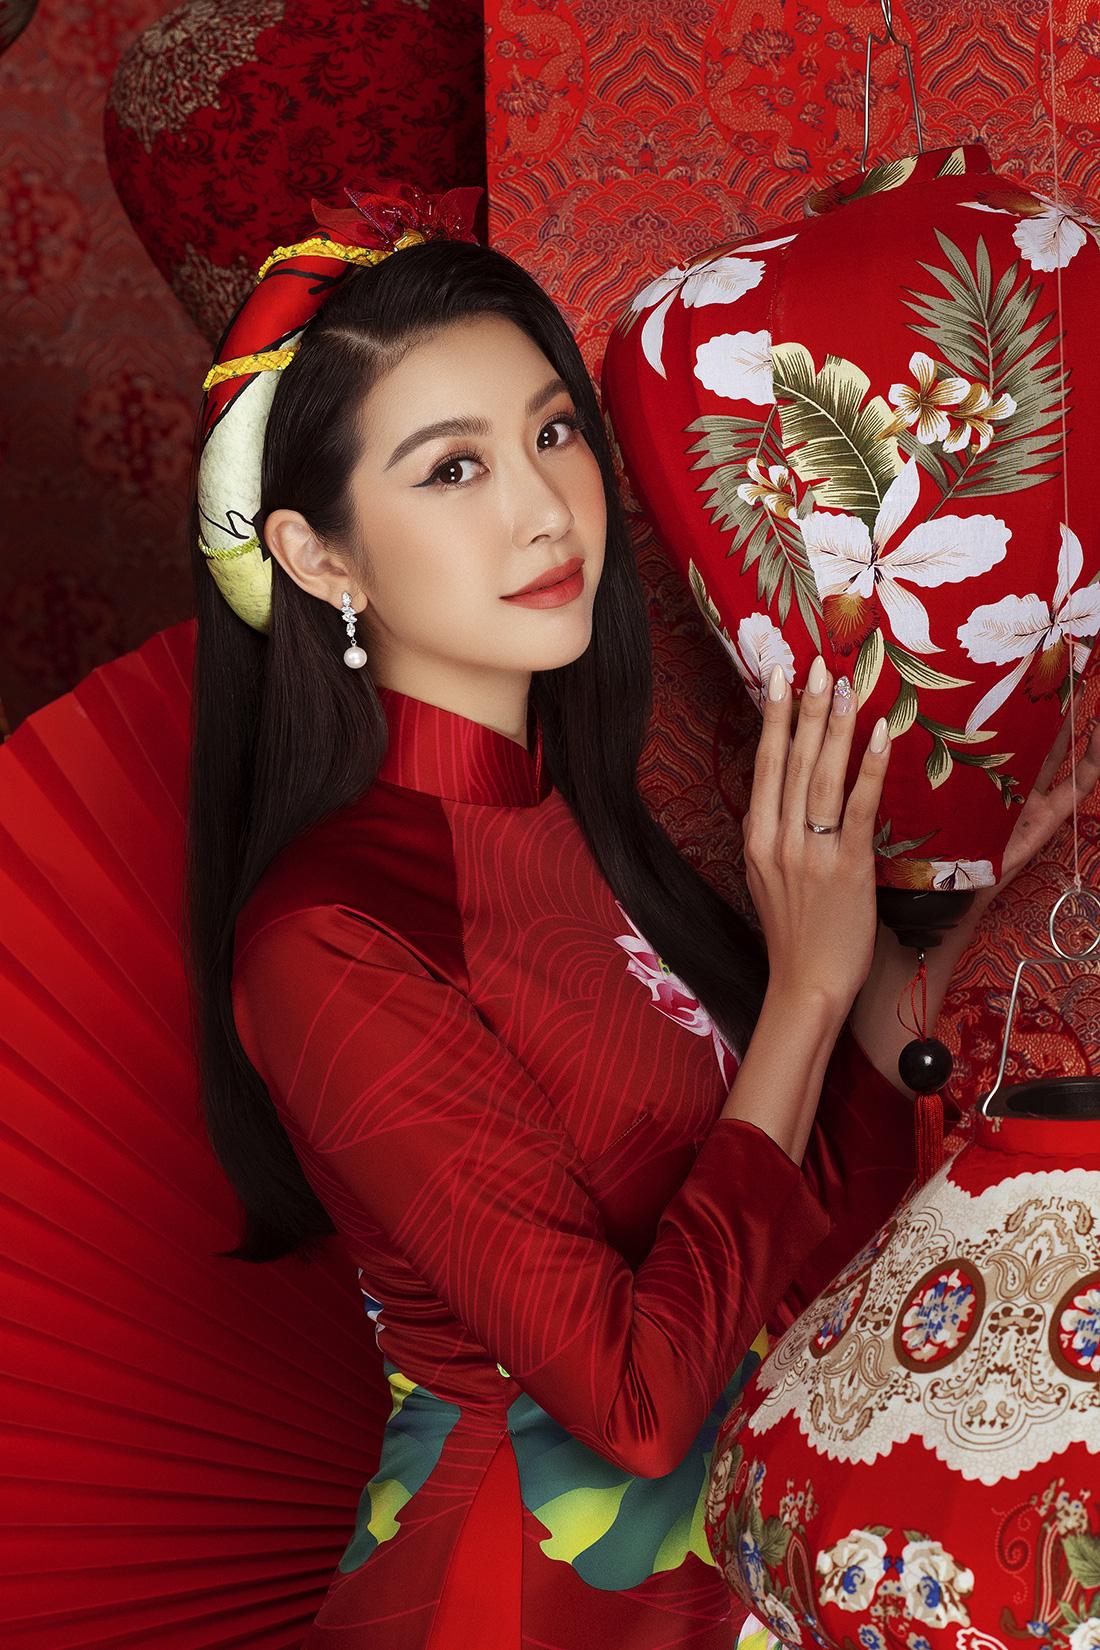 Á hậu Hoàng My, Thúy Vân làm thơ, sáng tác nhạc vì Covid-19 - Ảnh 4.